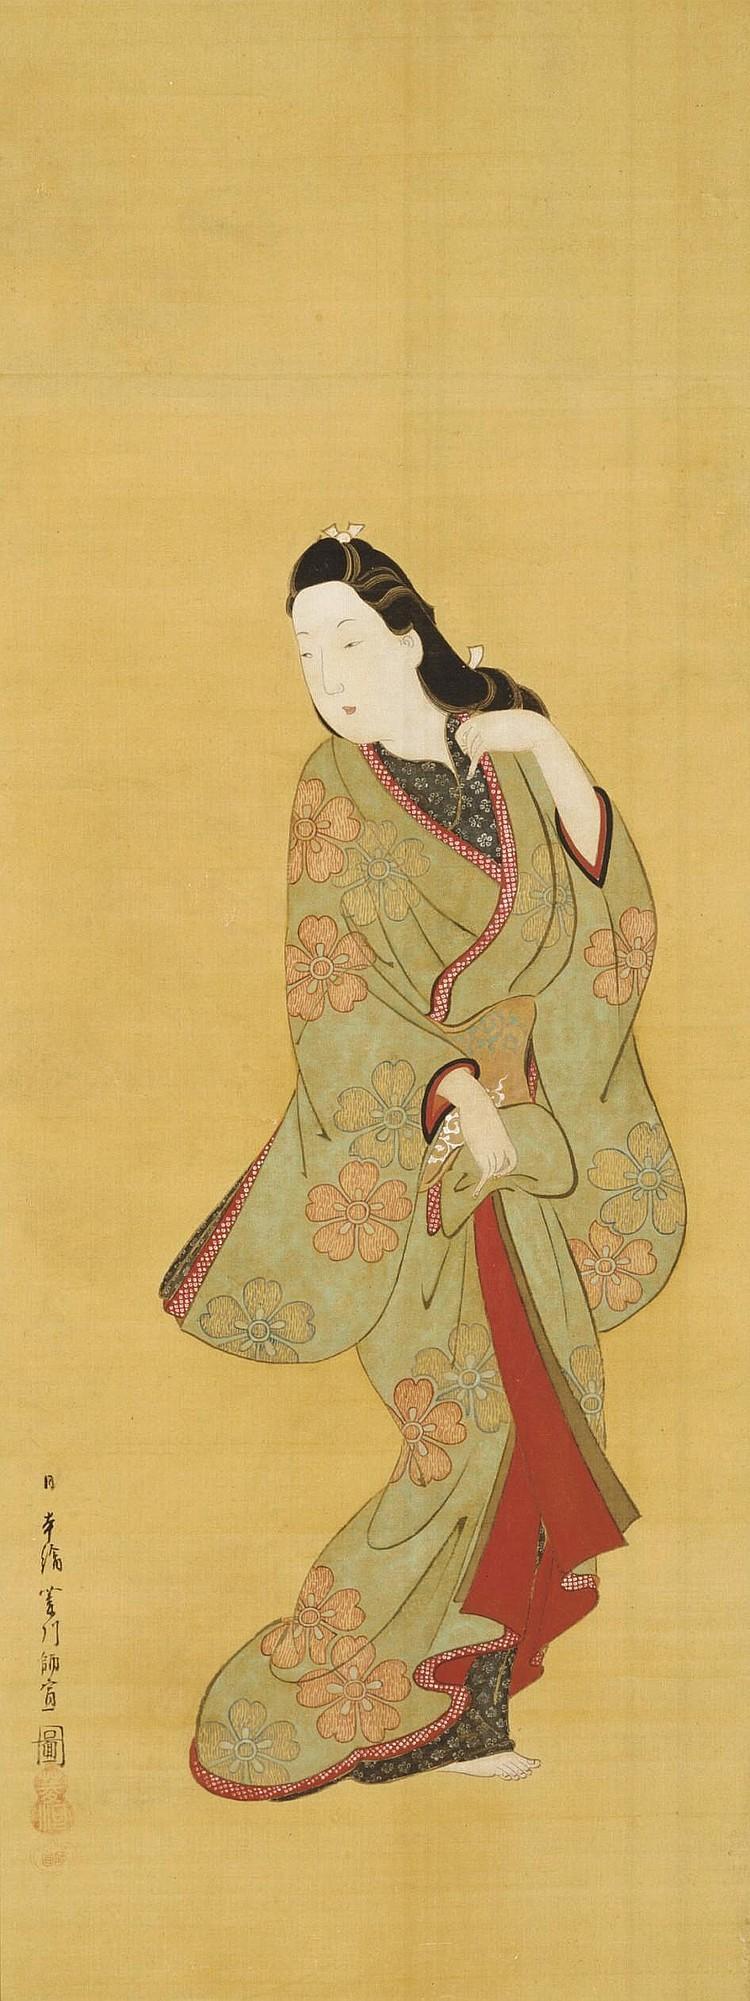 Hishikawa Moronobu (1630/31?-1694)